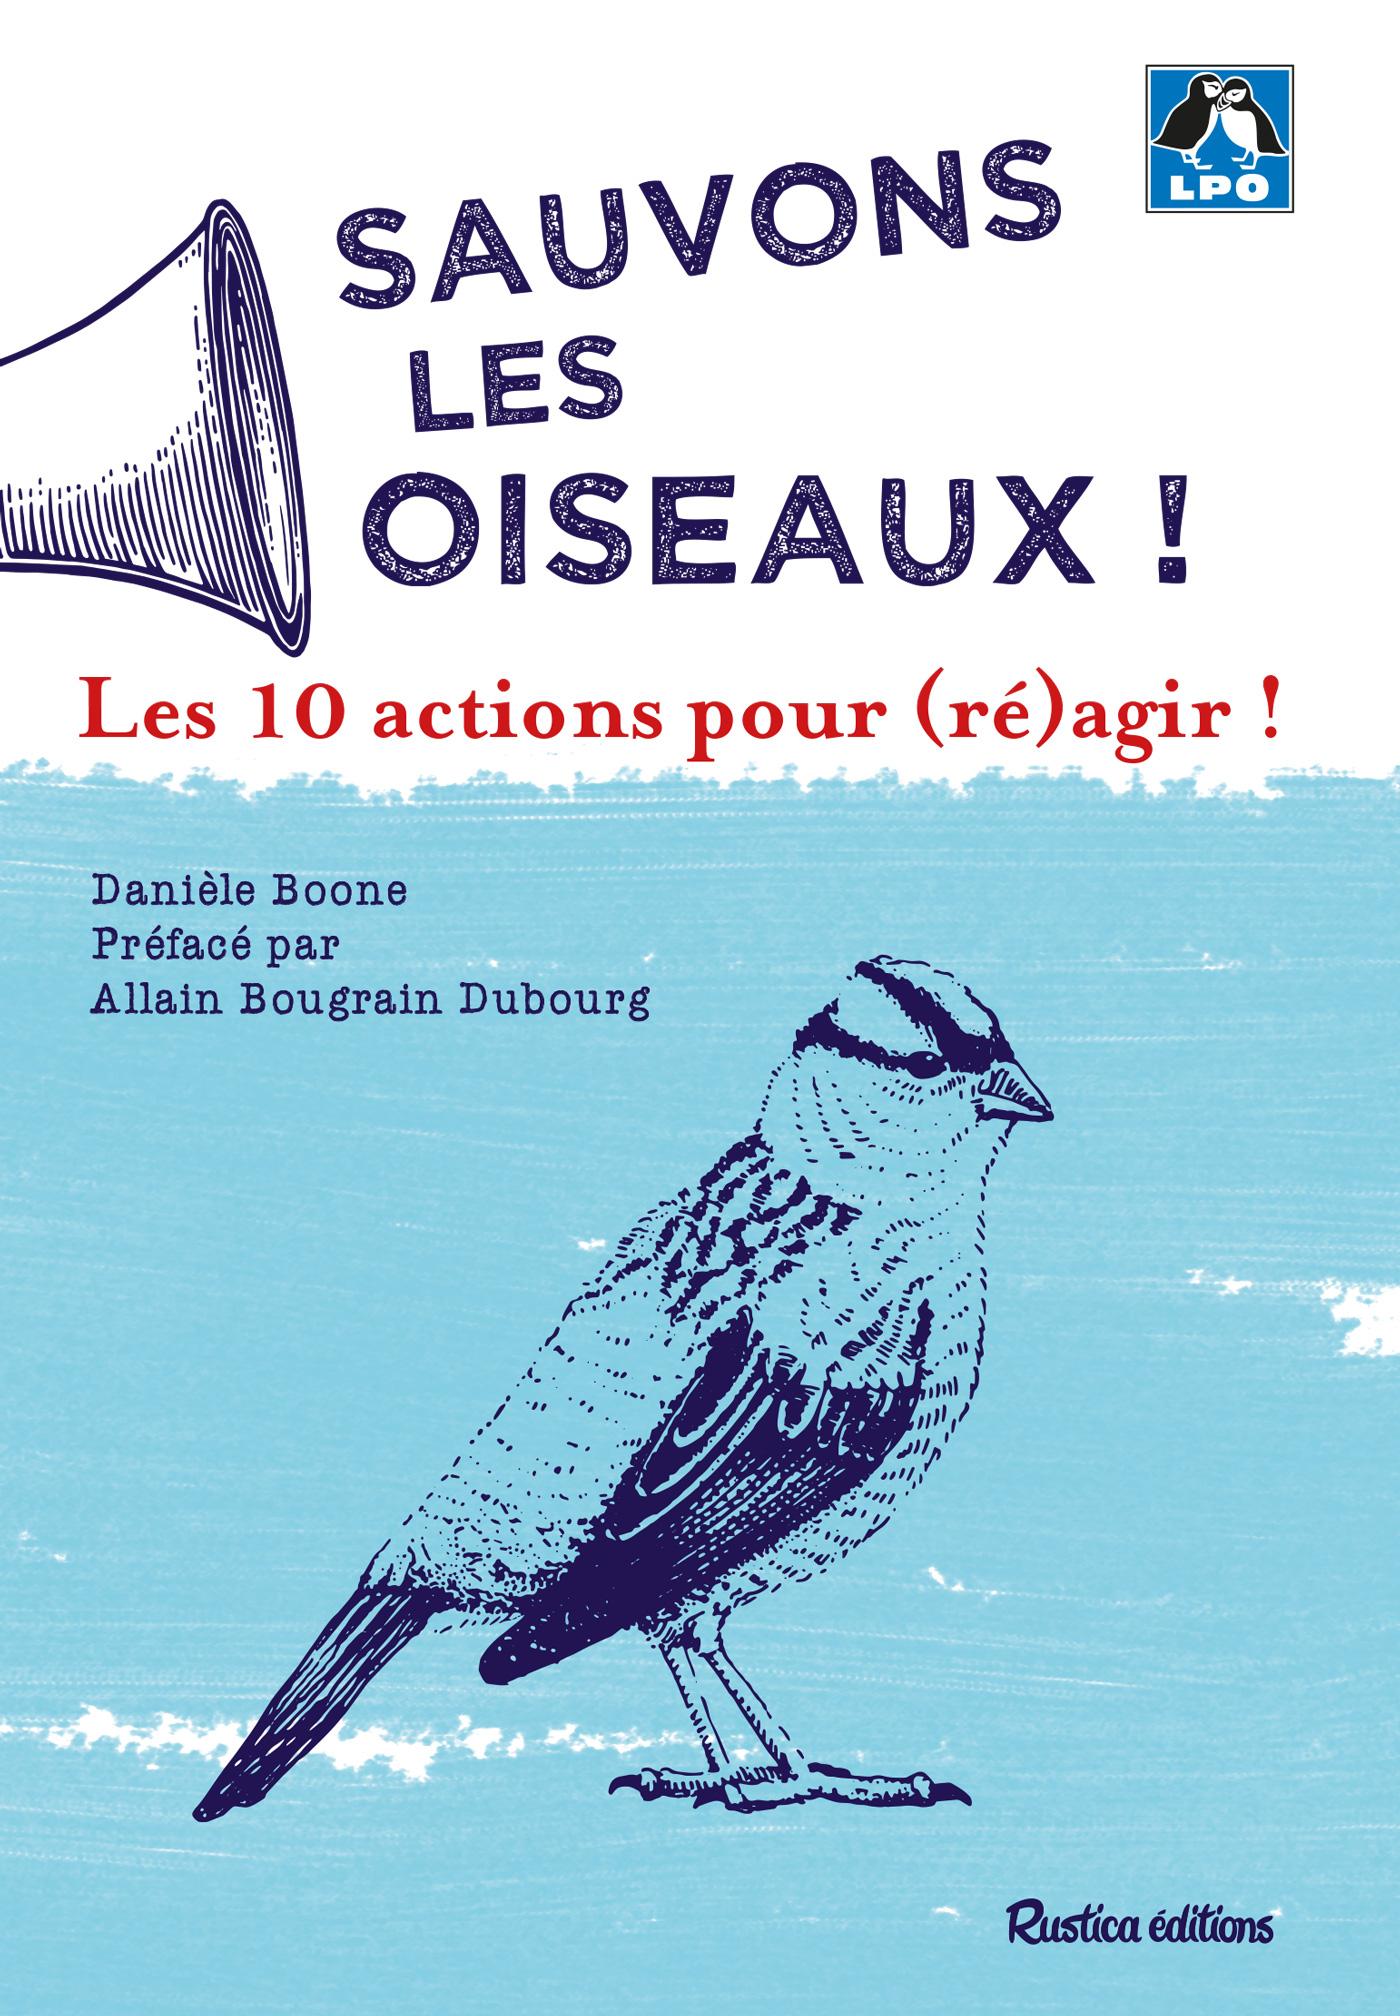 Sauvons les oiseaux ! 10 actions pour (ré)agir !